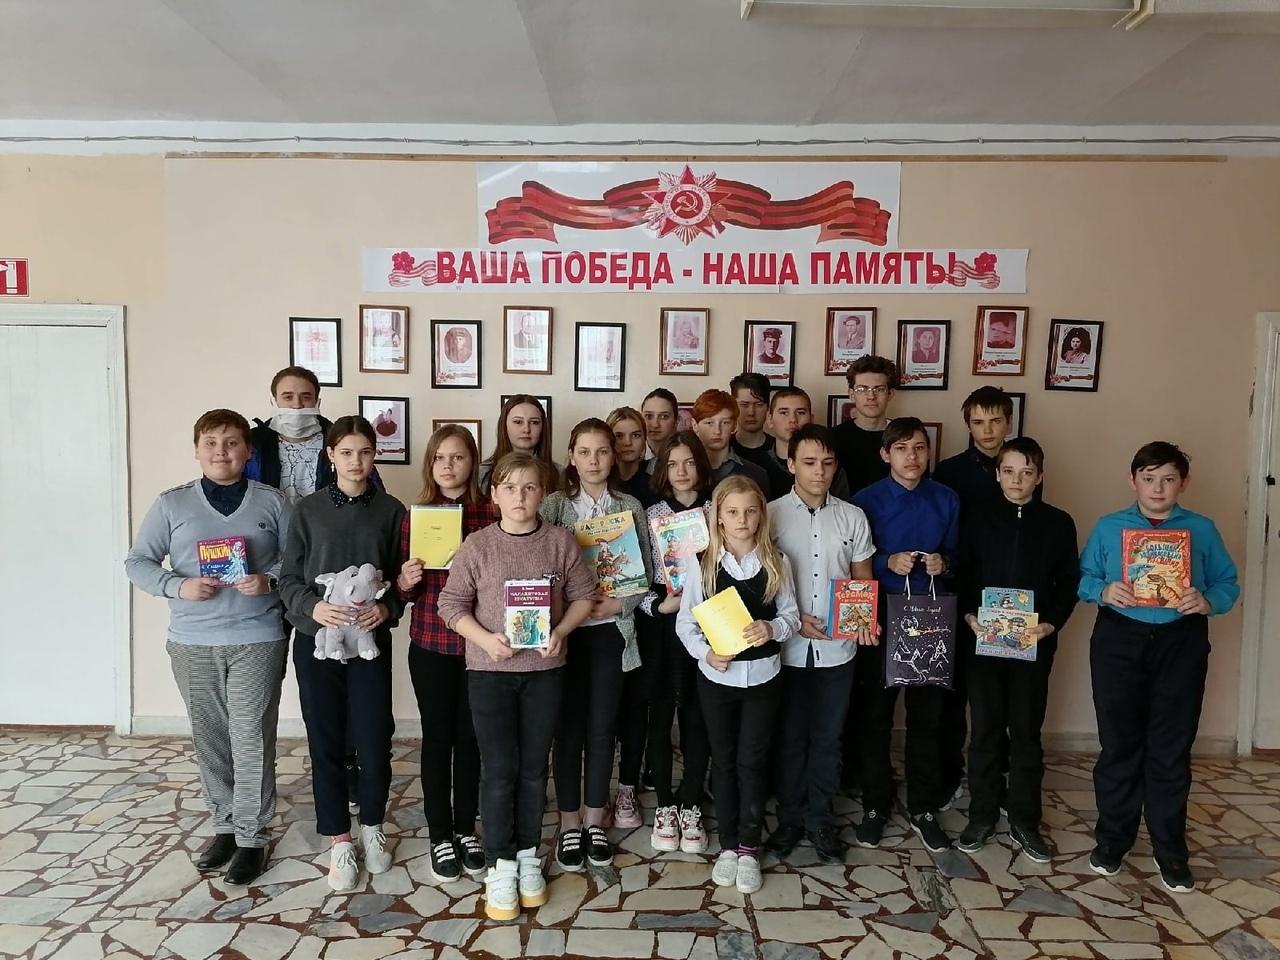 Волонтёры школы №7 города Петровска присоединились к акции «Коробка счастья»